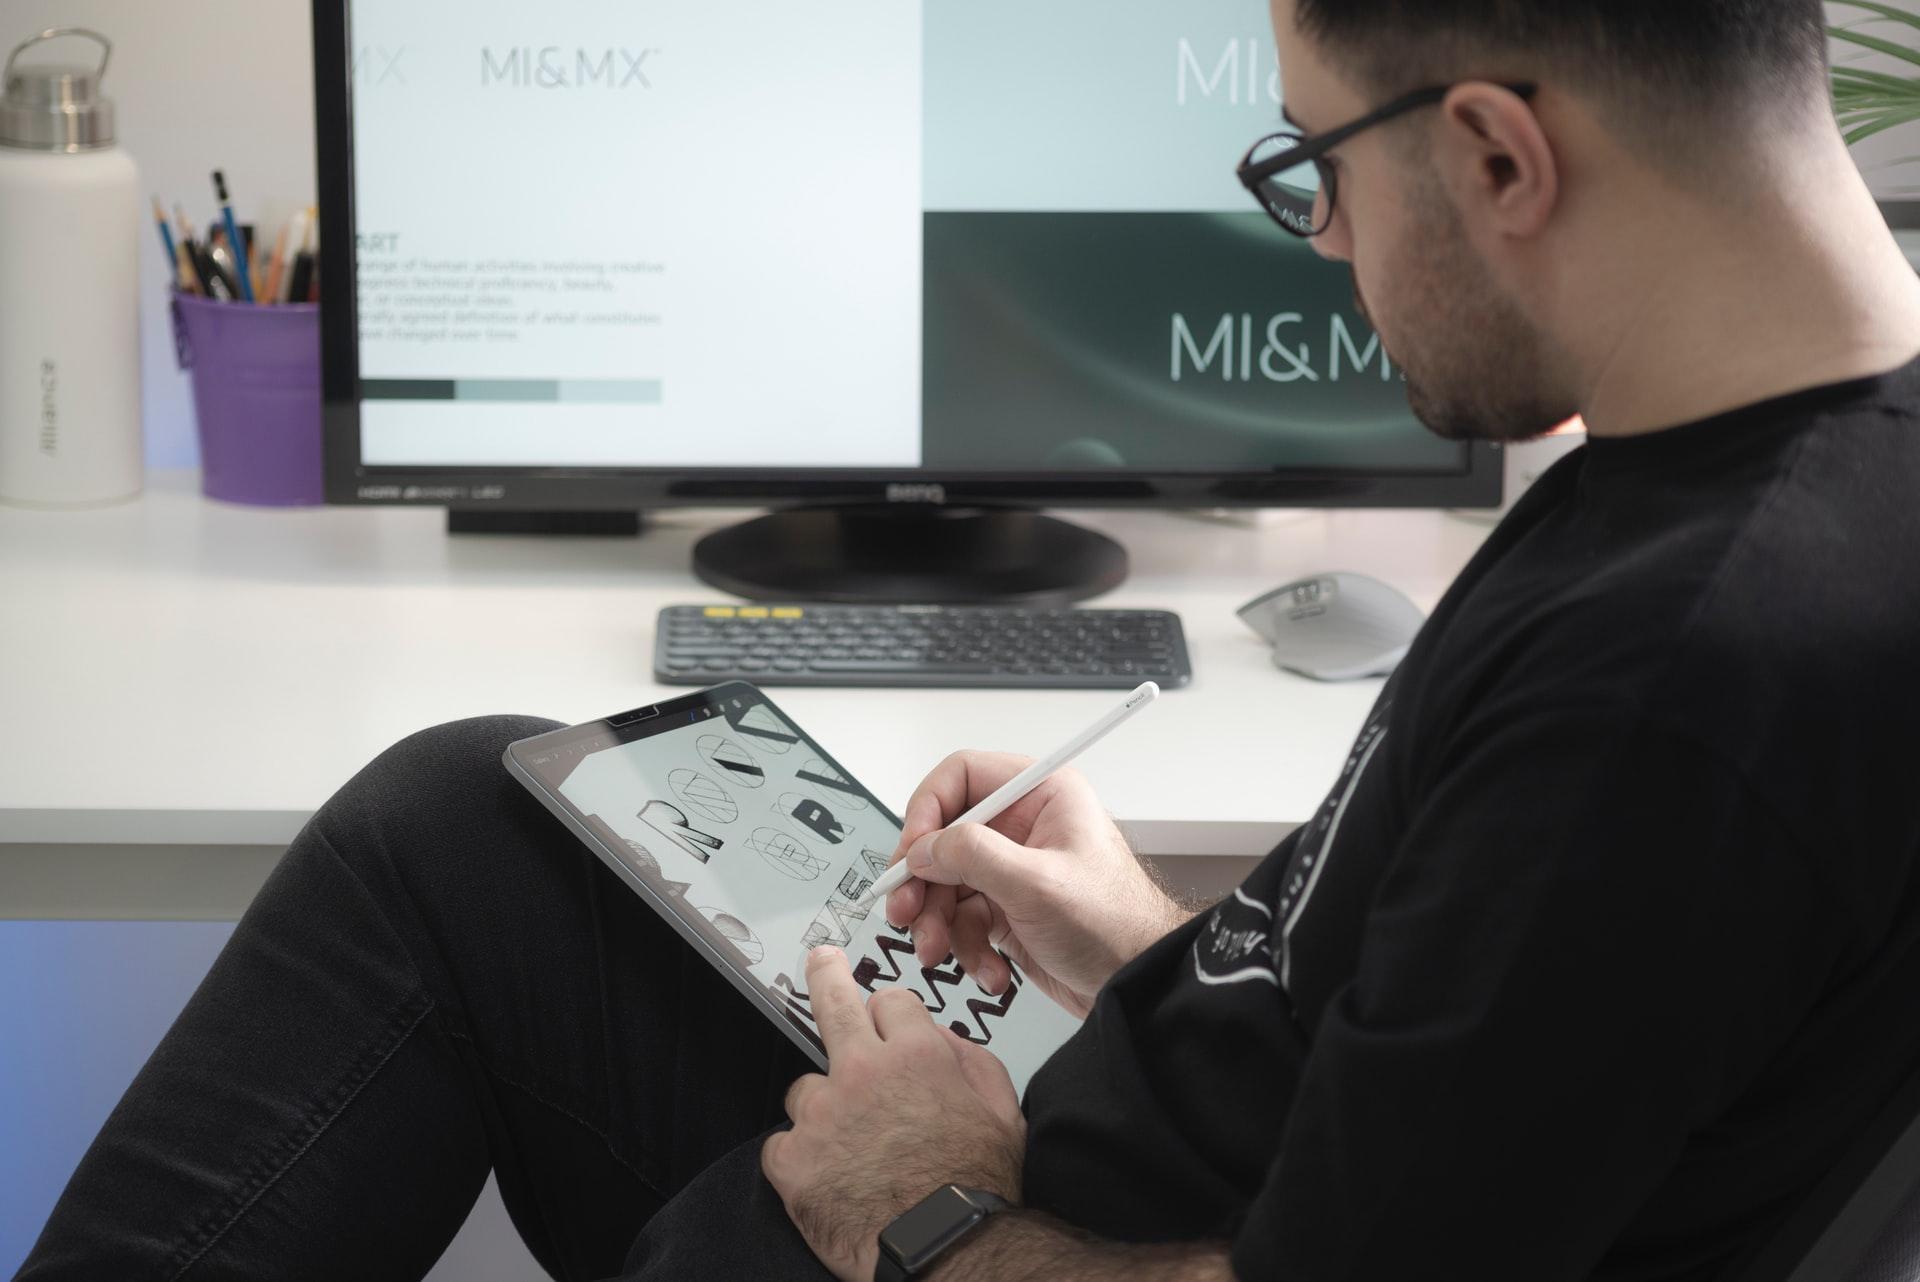 Et billede, der indeholder tekst, person, indendørs, computer Automatisk genereret beskrivelse